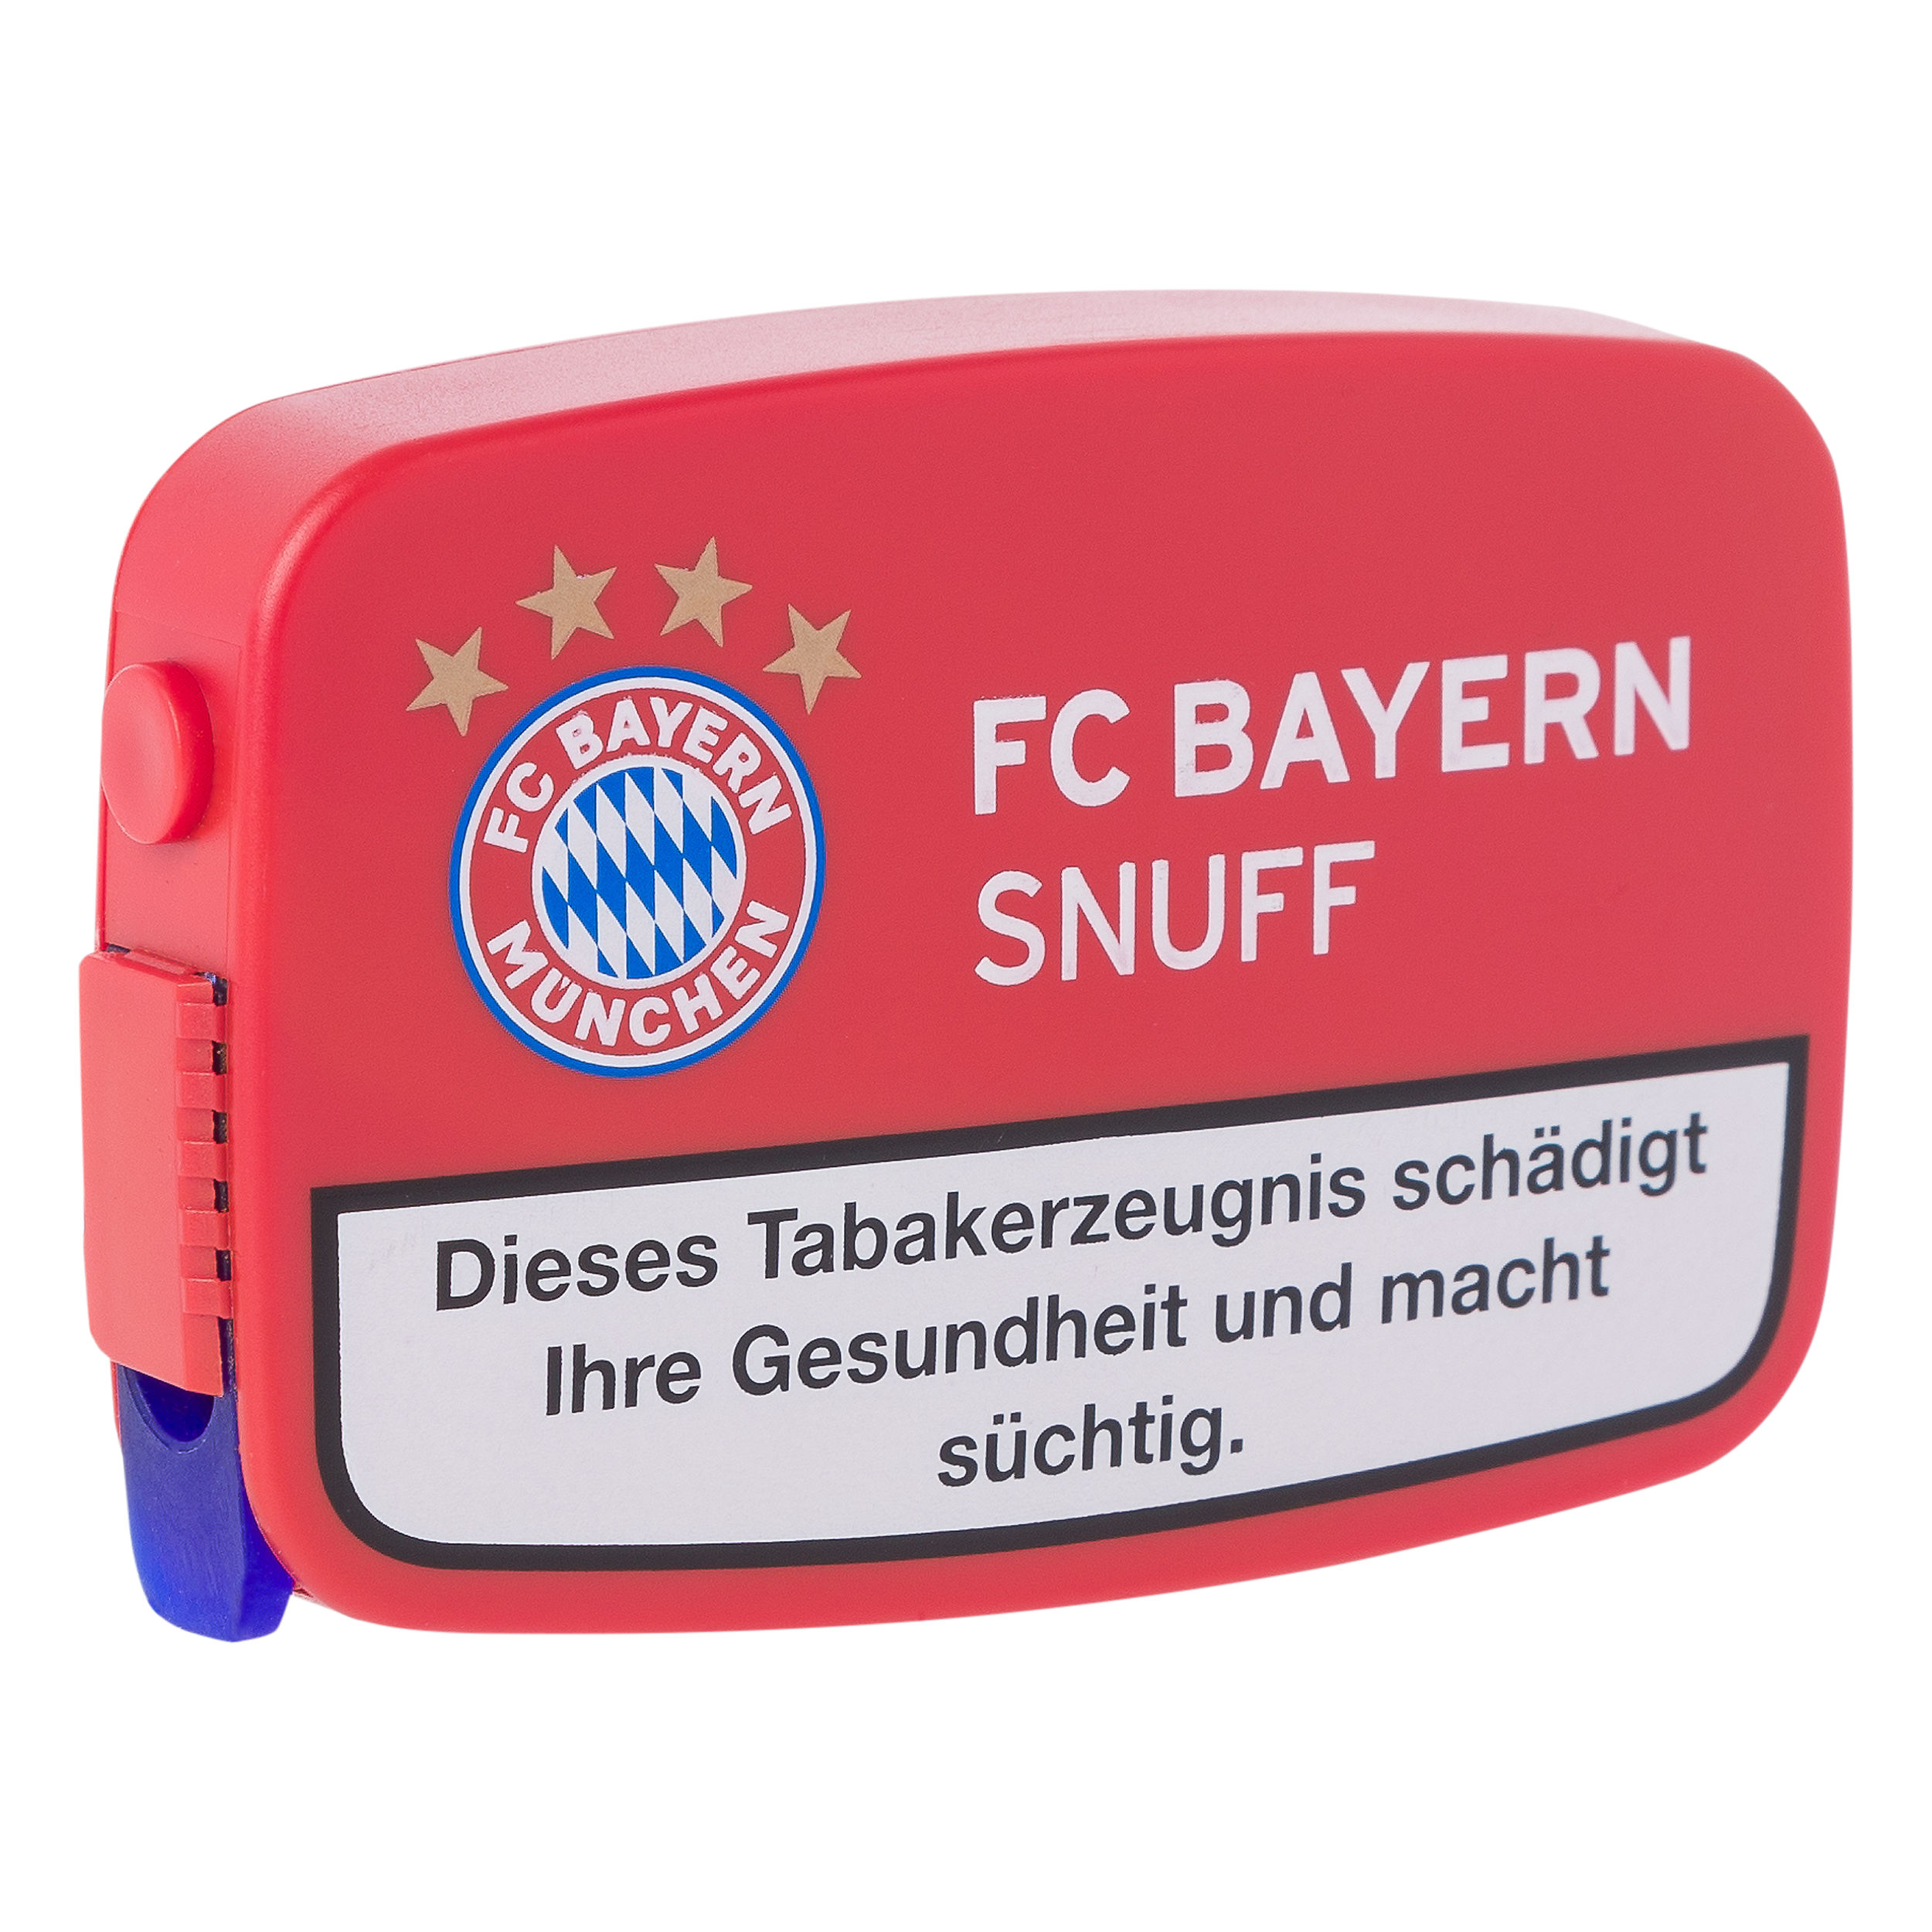 FC Bayern Snuff